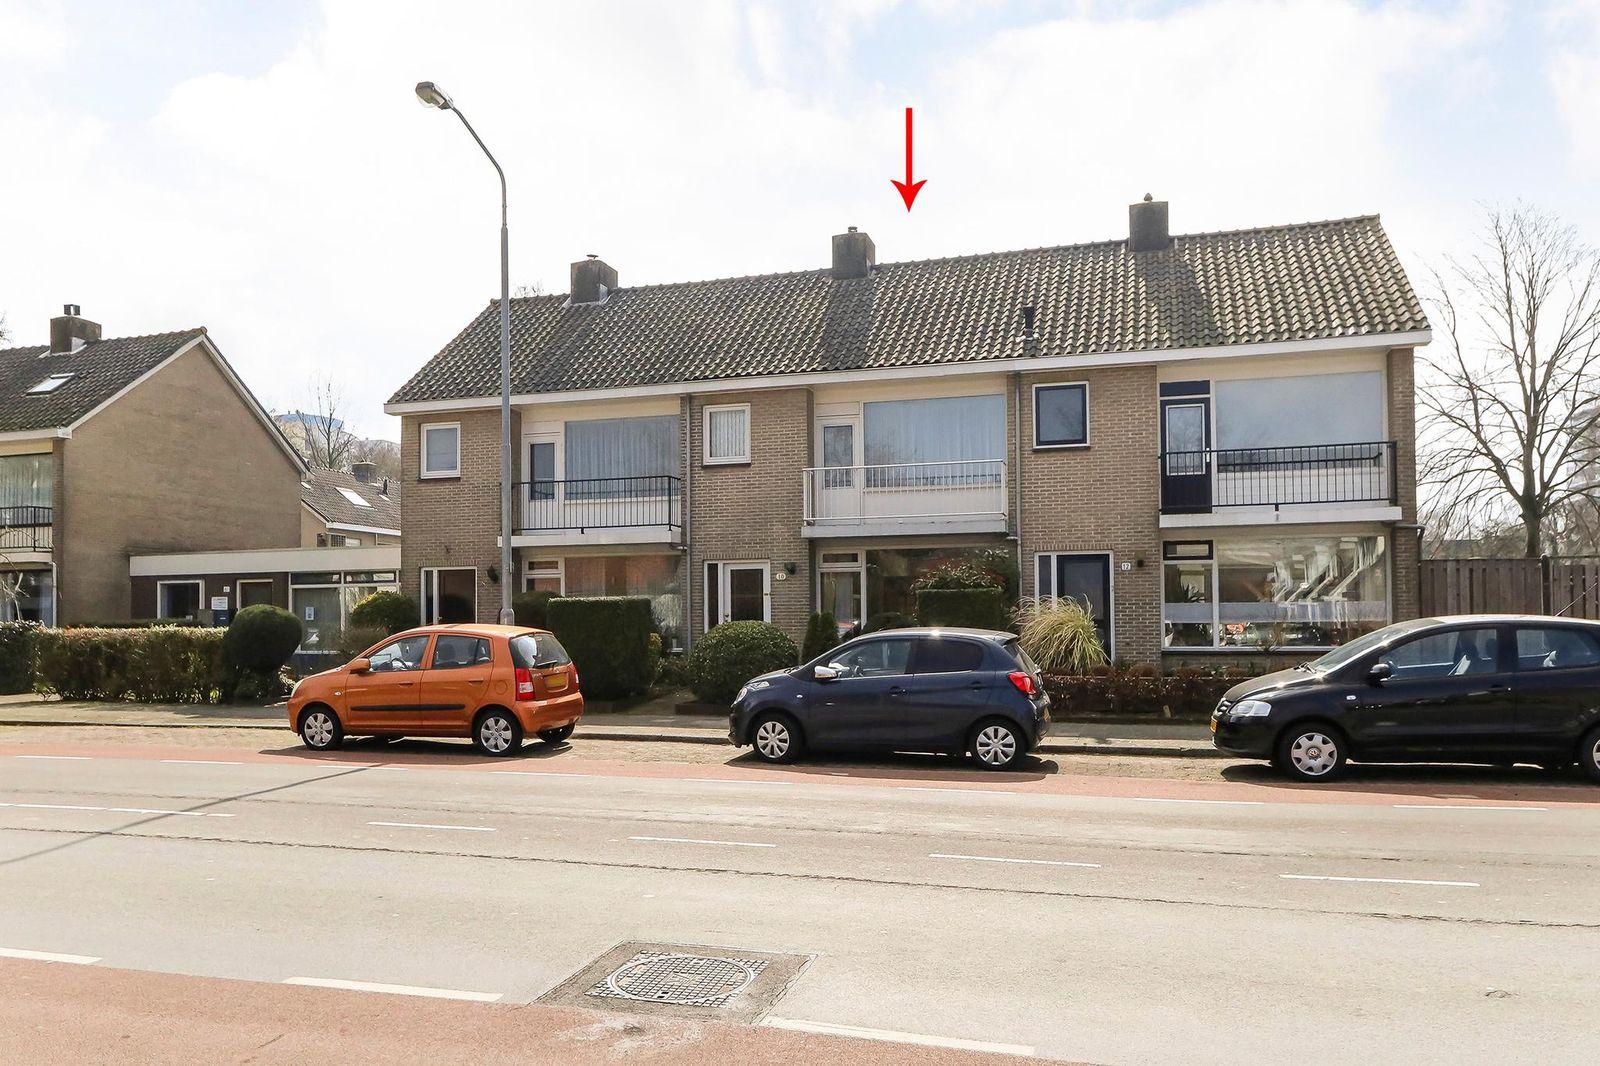 Venuslaan 10, Dordrecht